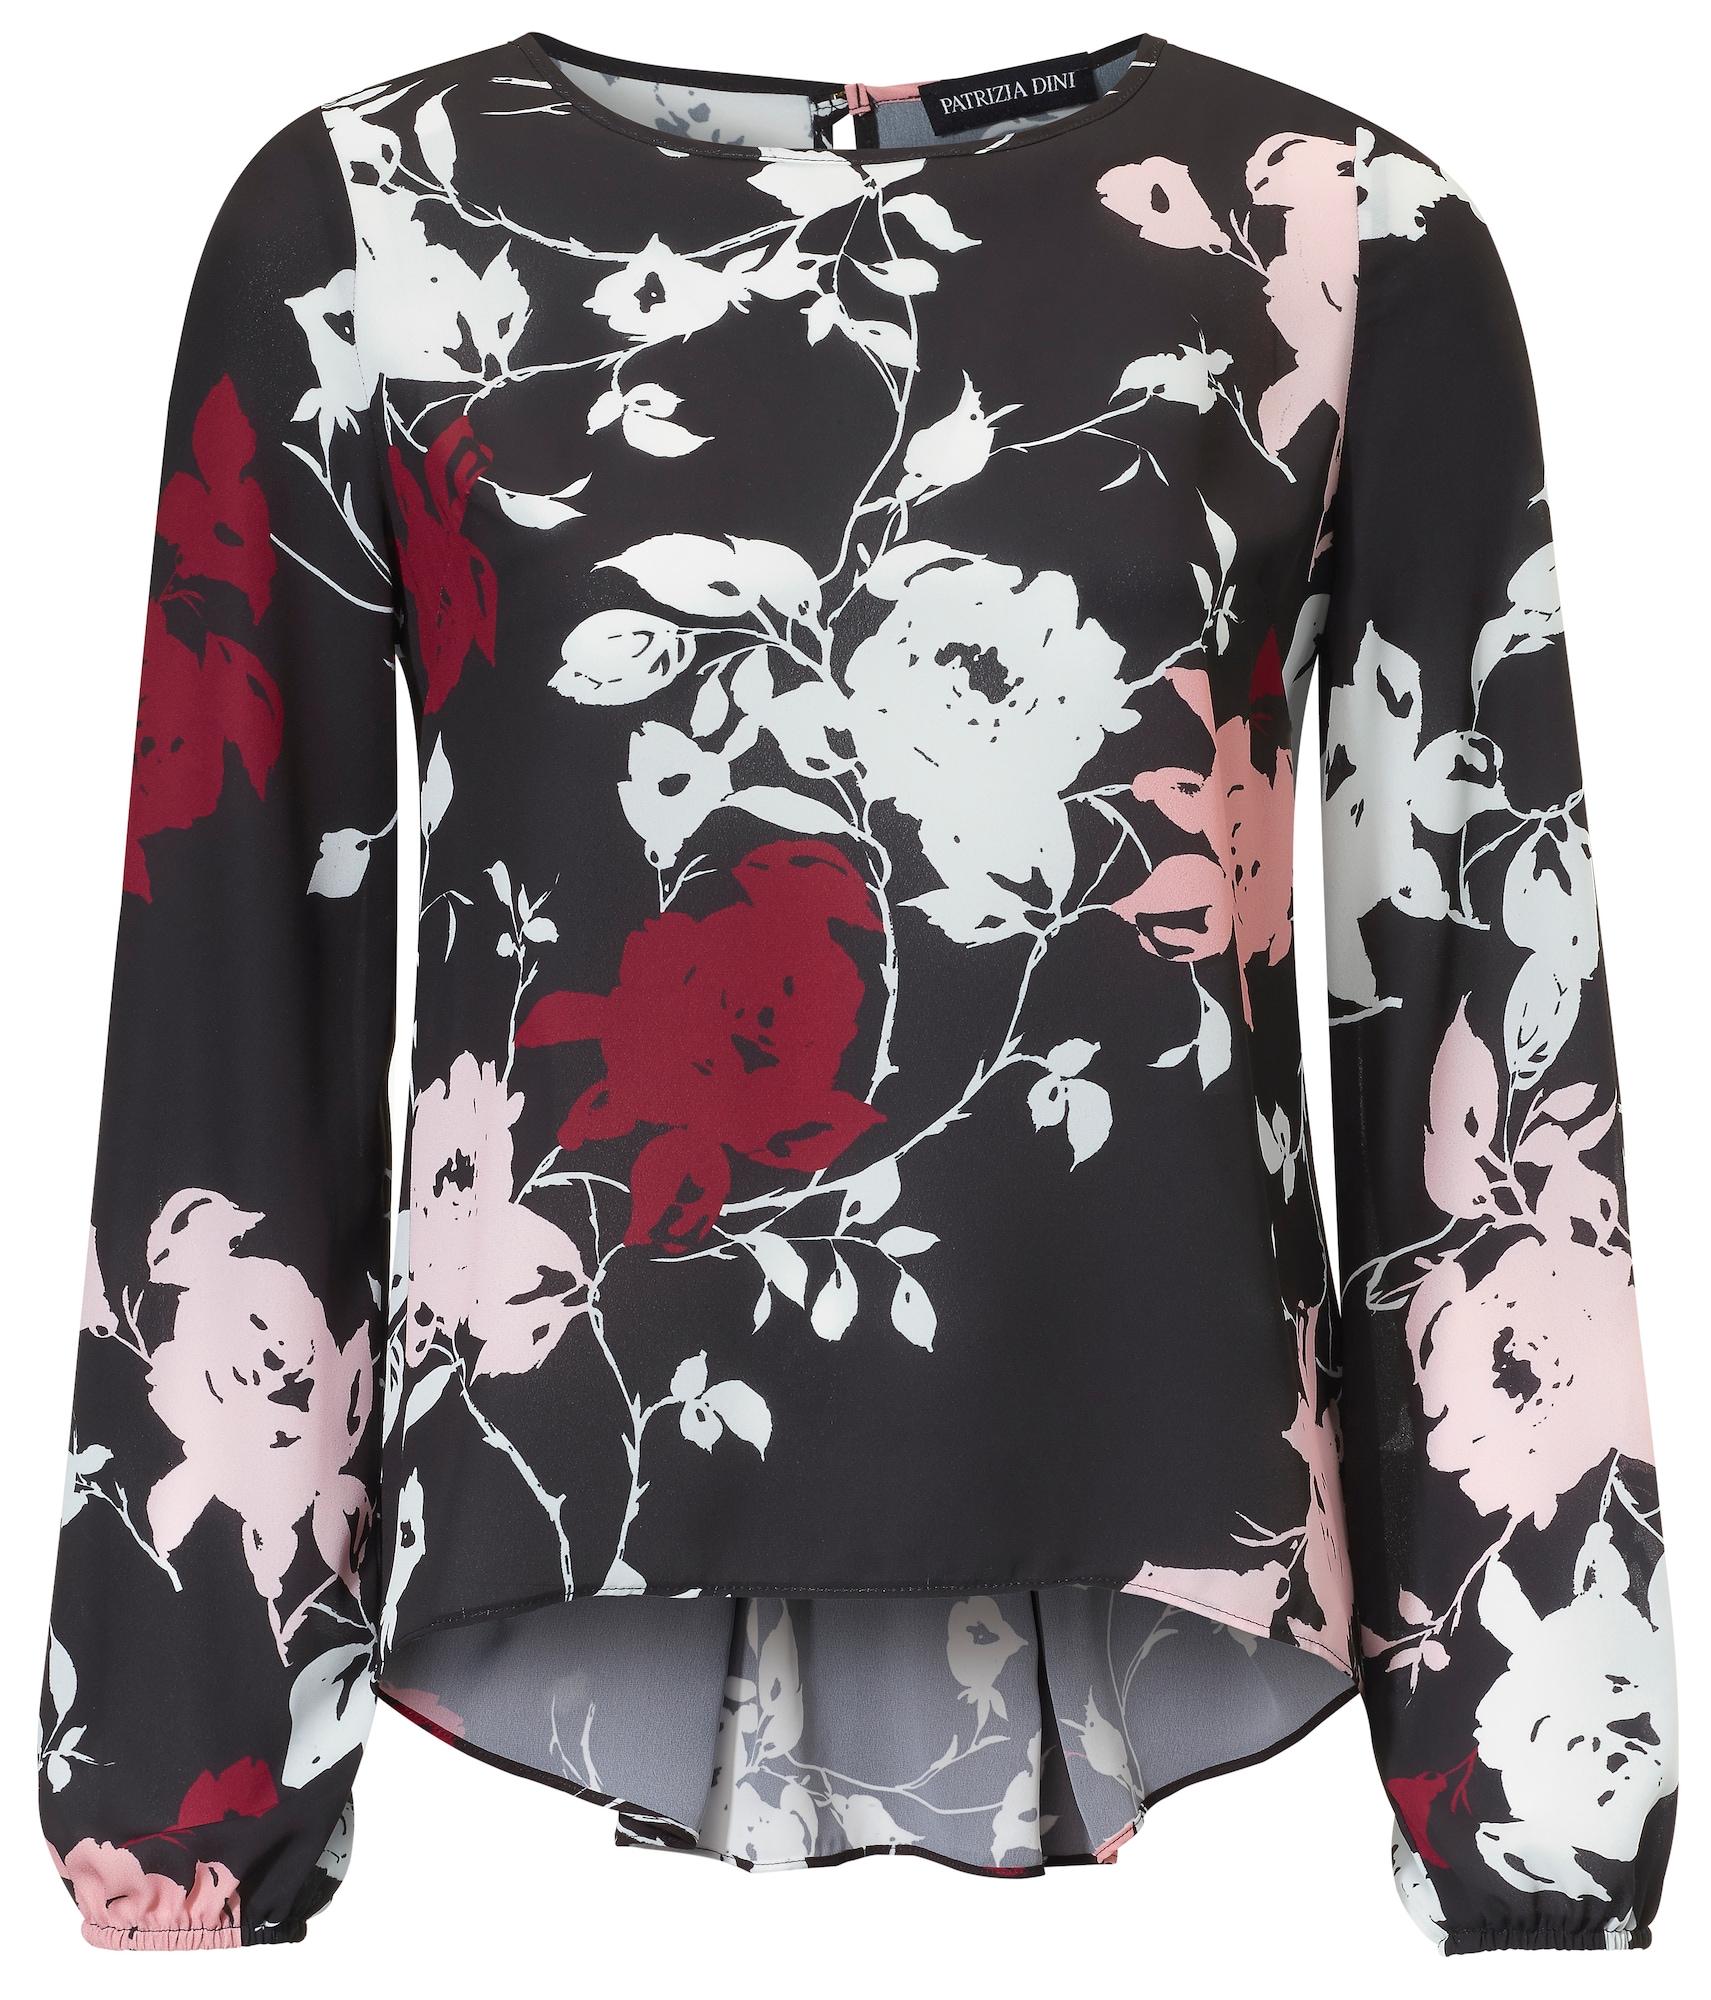 Druckbluse mit Schößchen   Bekleidung > Blusen > Druckblusen   Rot - Schwarz - Weiß   heine